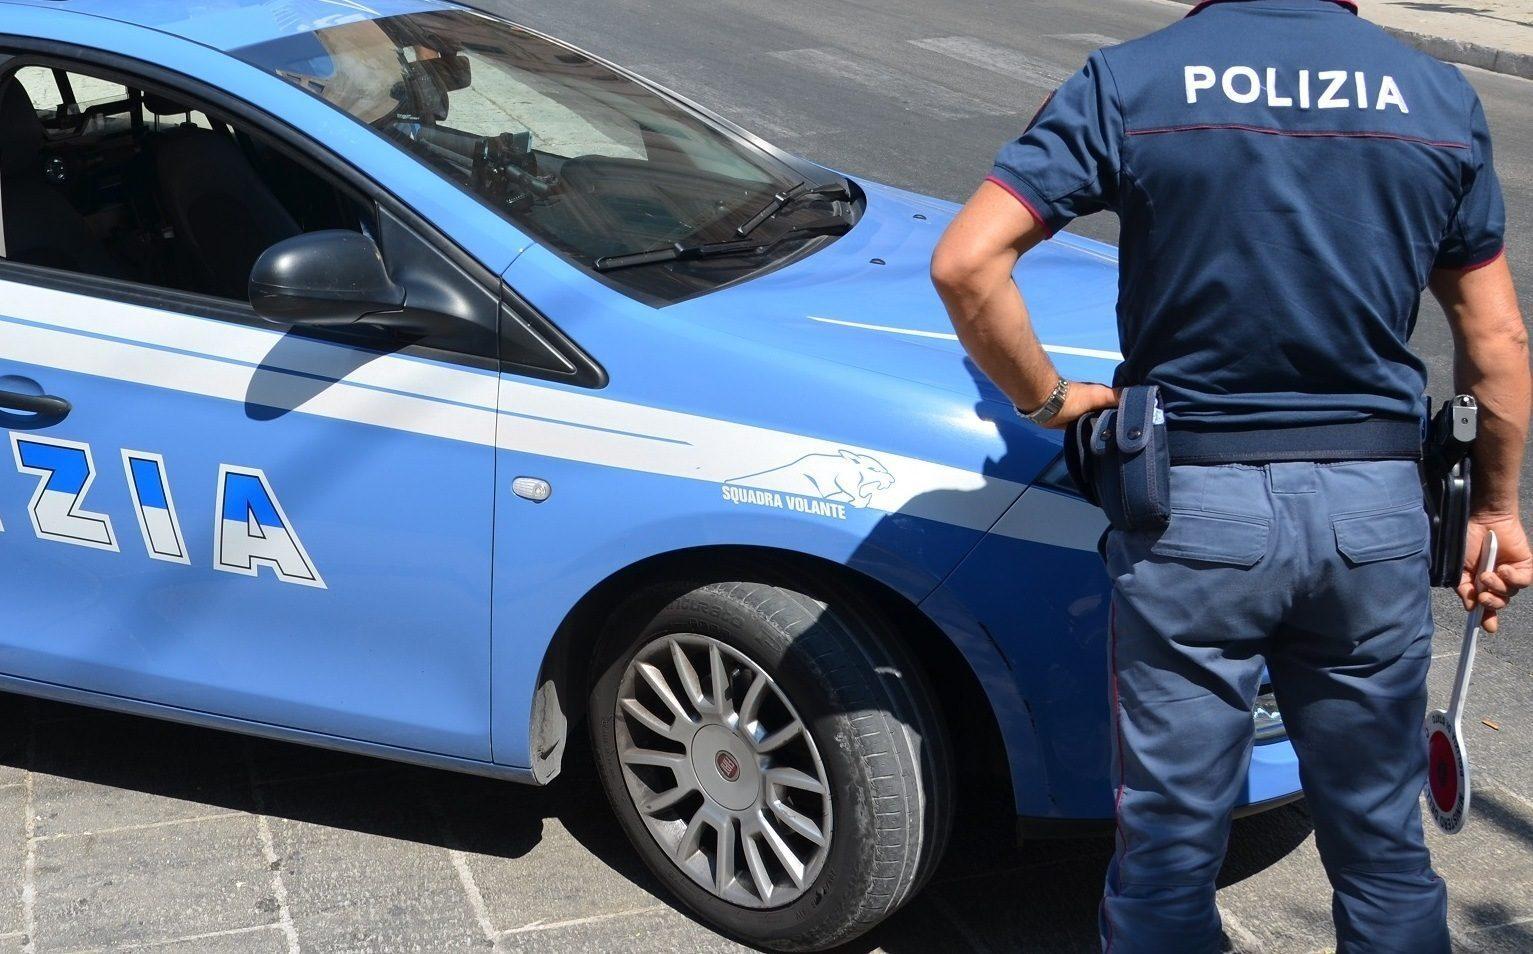 Milano, bimba di 4 anni rischia di cadere dal balcone: salvata dai poliziotti